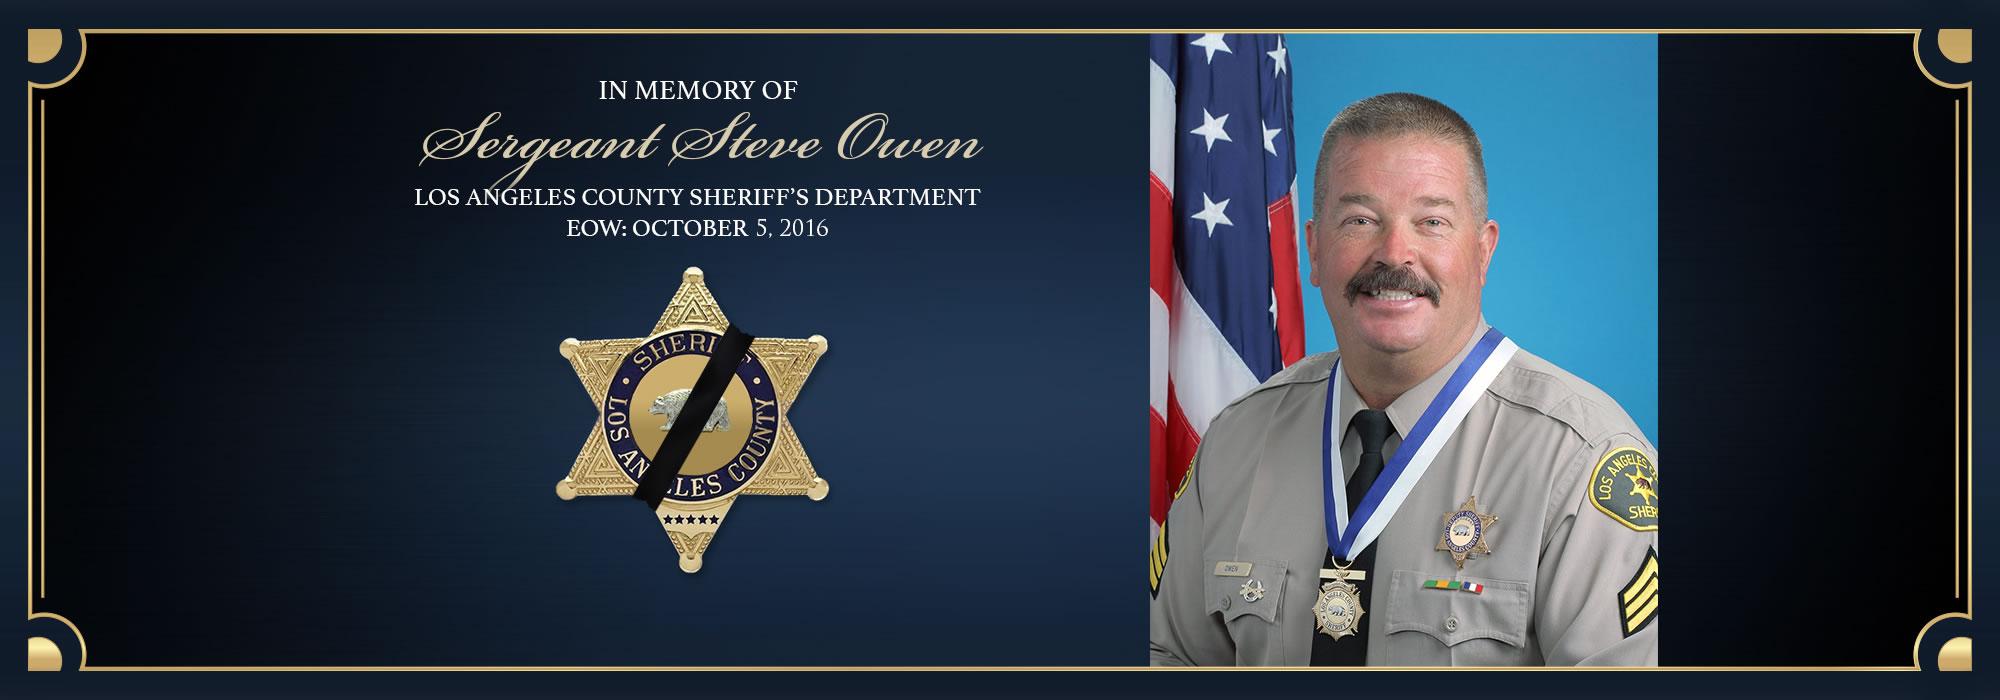 In Memory of Sergeant Steve Owen